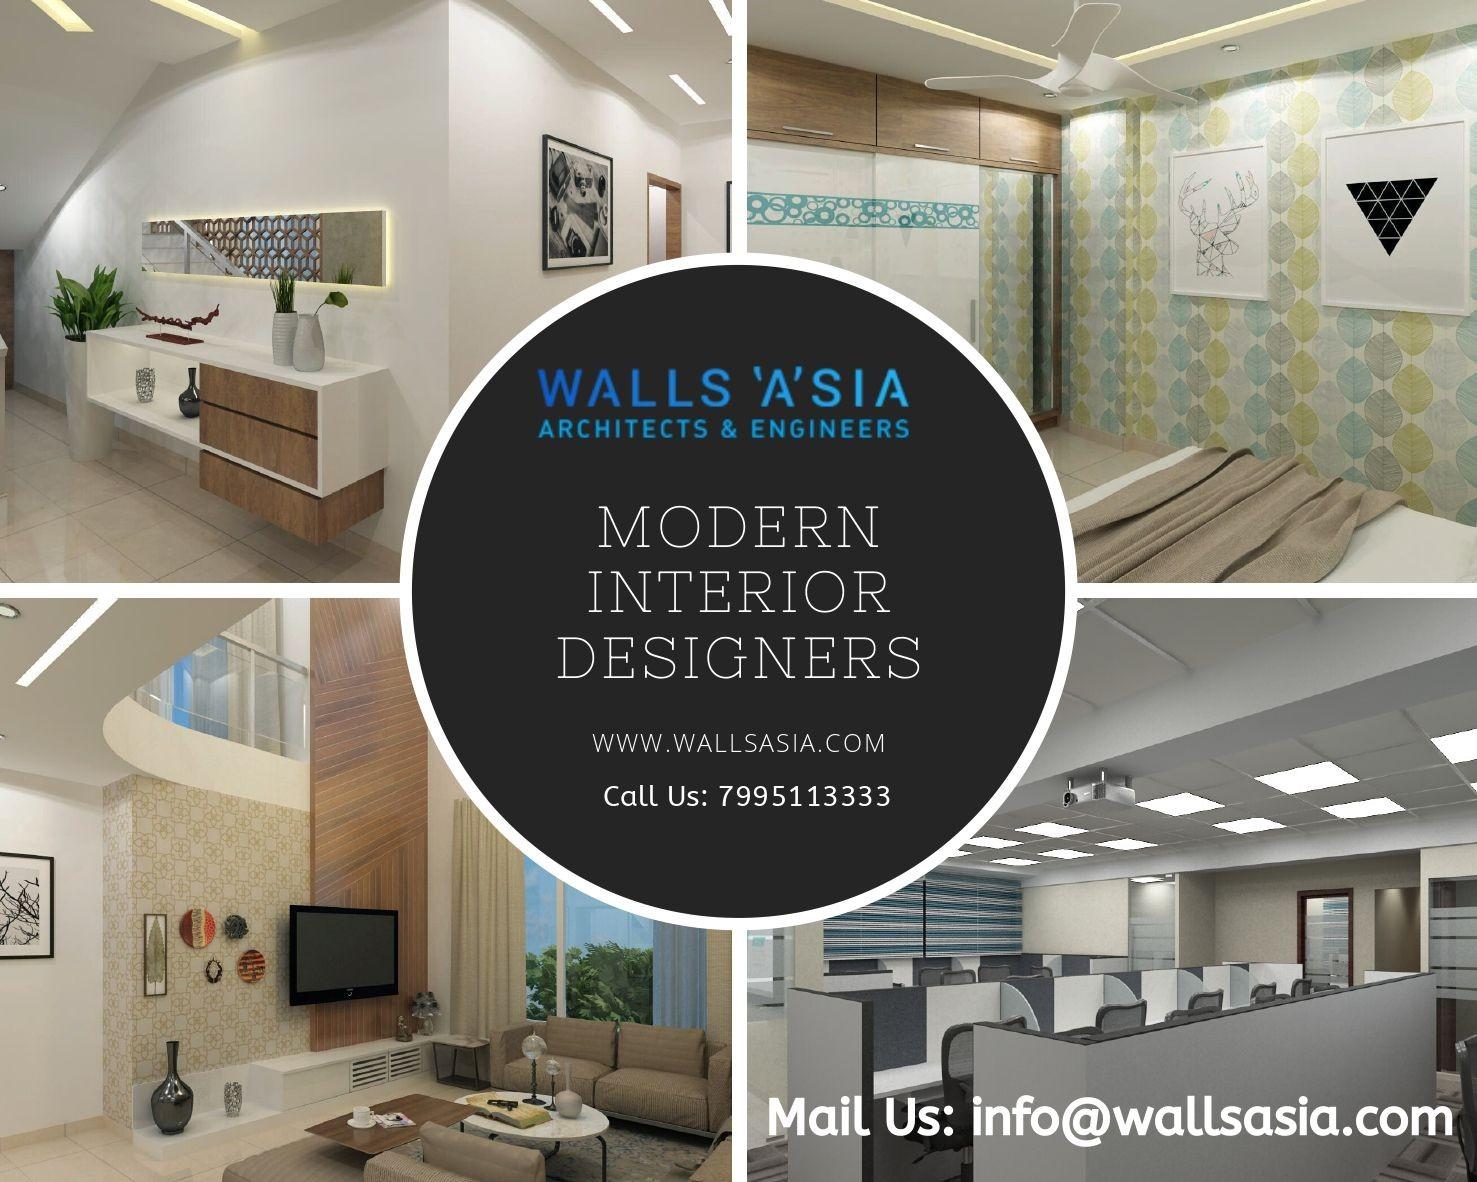 Walls Asia